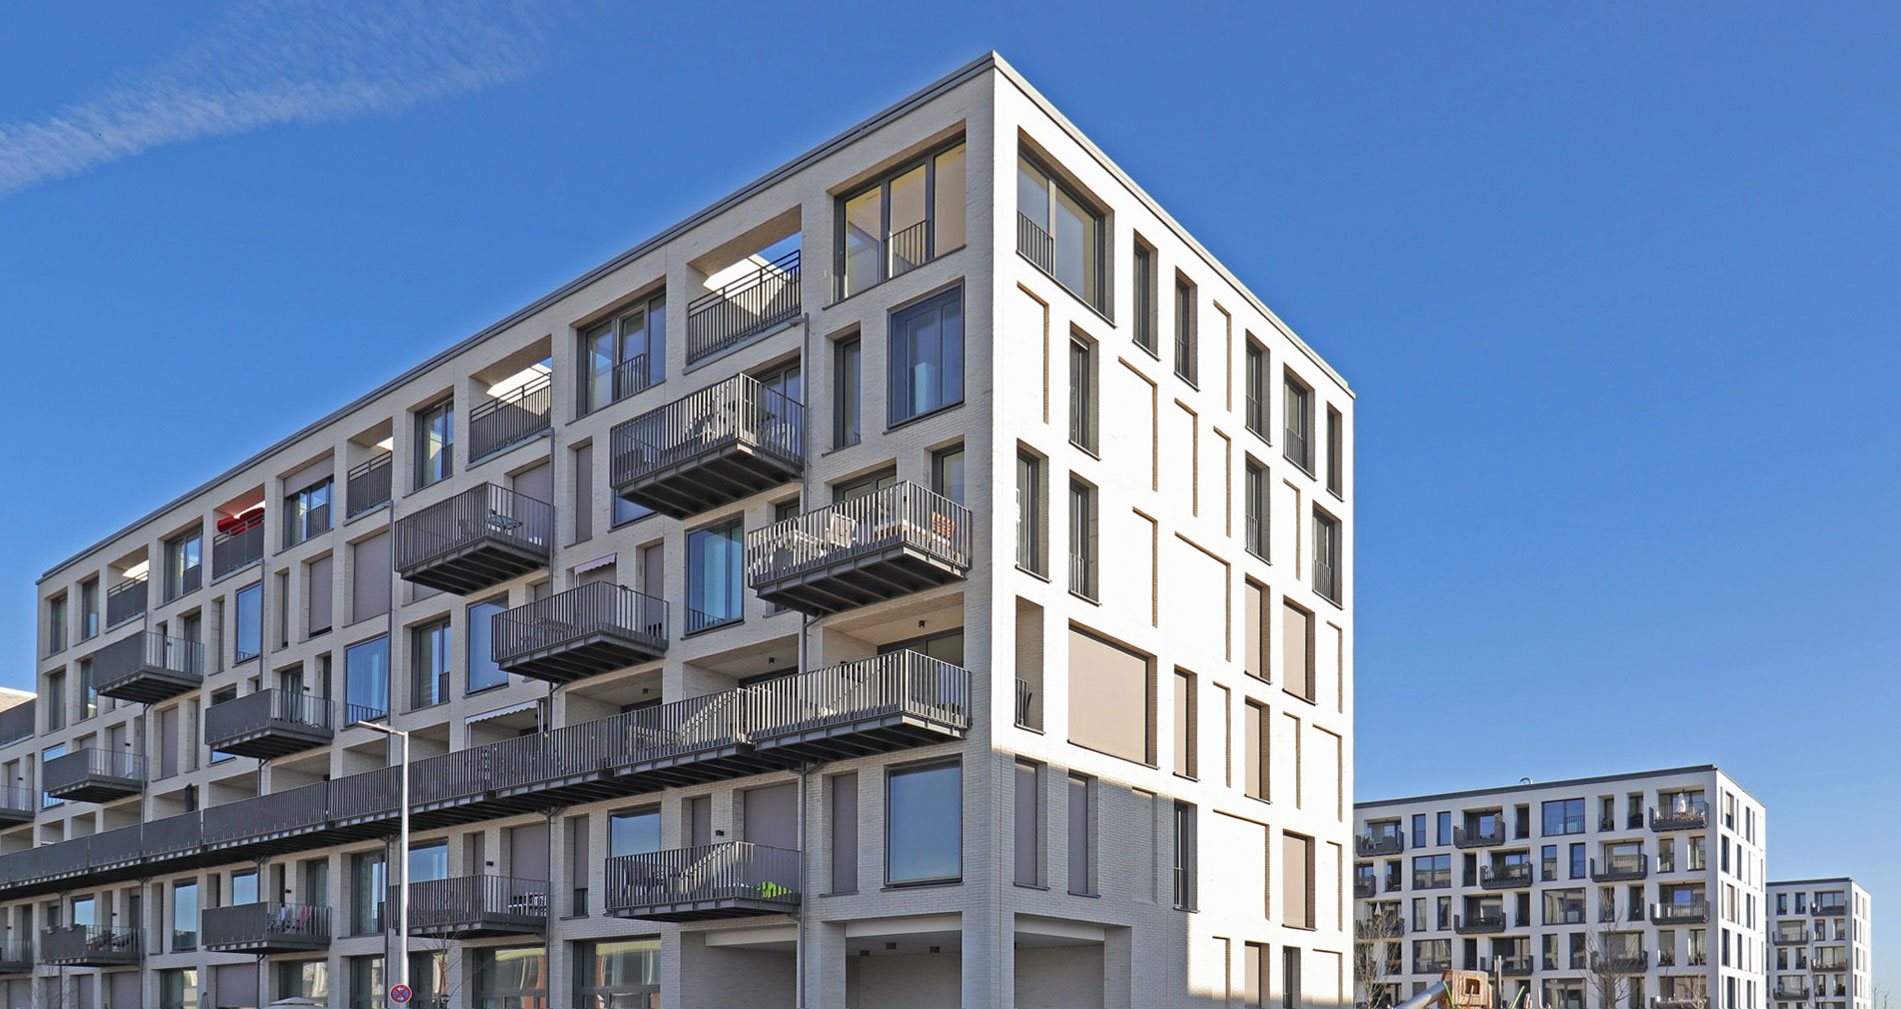 Mietwohnungsbau Meiller Gärten München